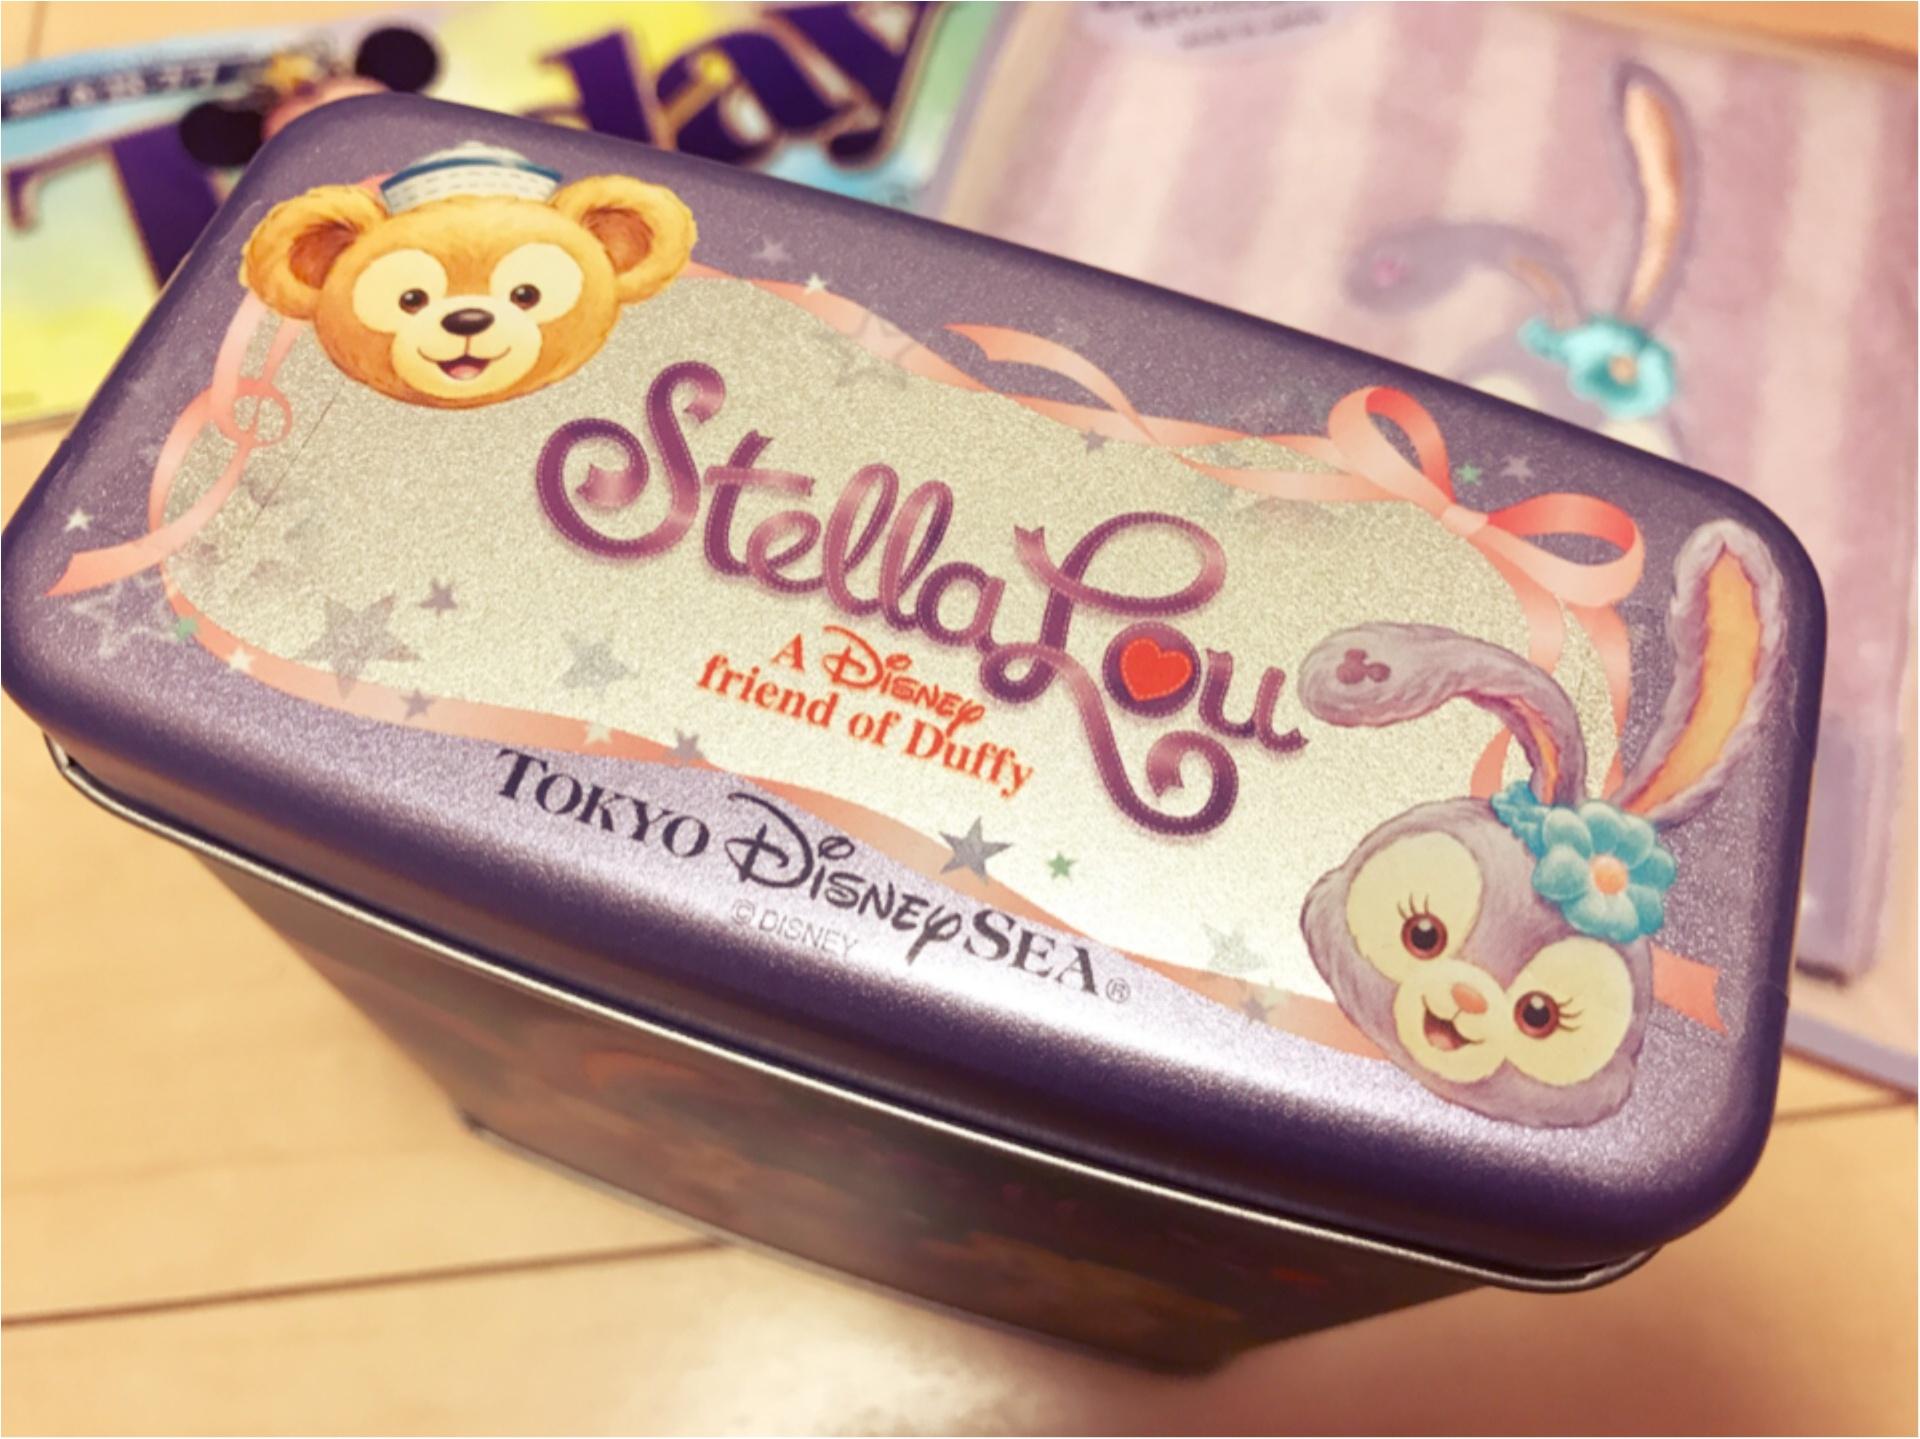 【Disney Sea】ダッフィーのお友だち、話題のステラ・ルー 会ってきました ♡♡ グッズも大公開!_5